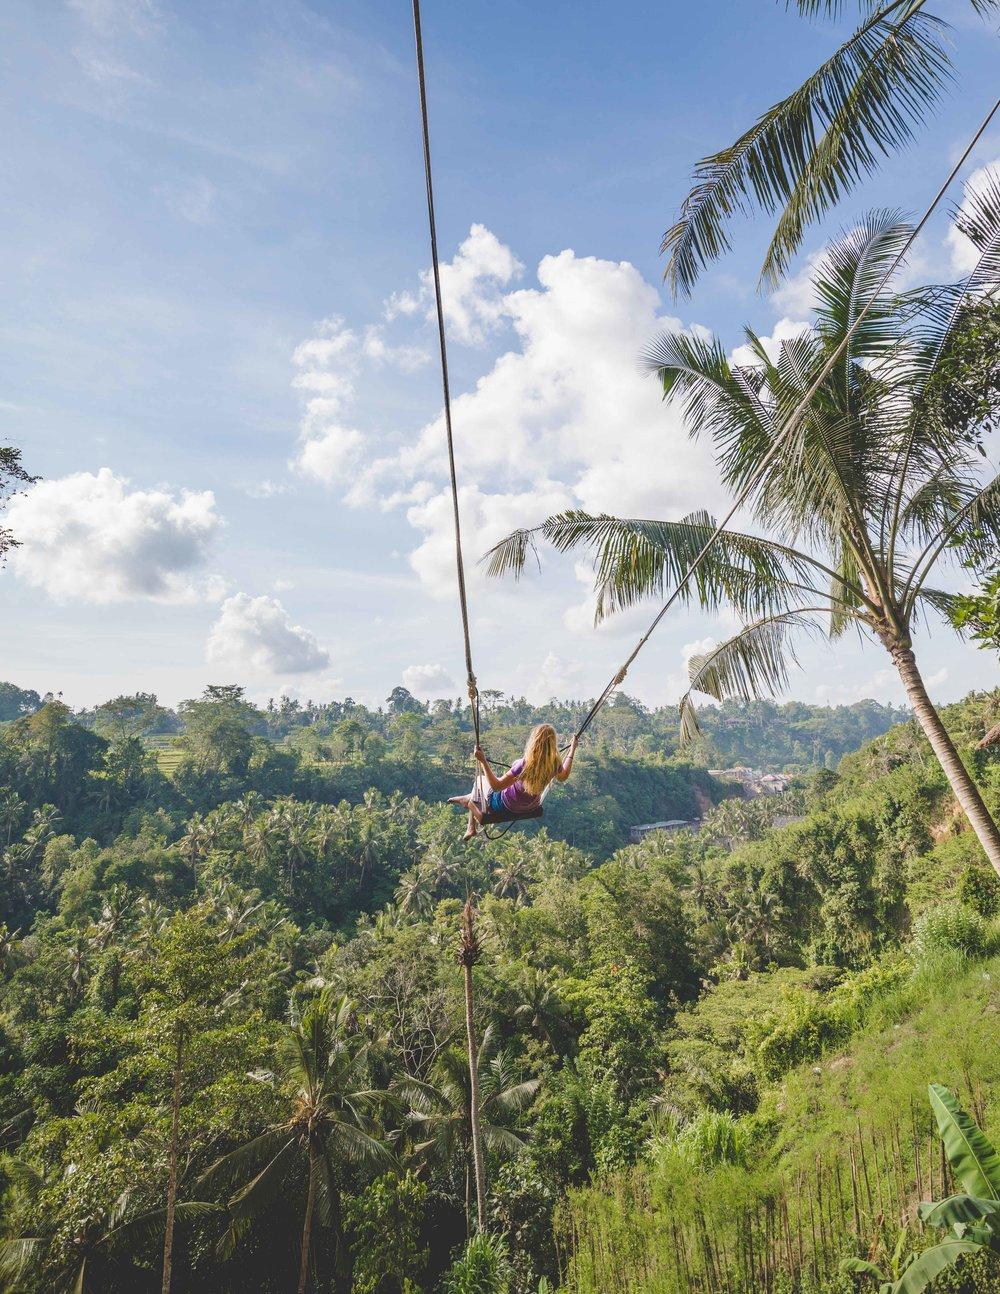 Most Instagrammable Spots in Bali: The Bali Swing